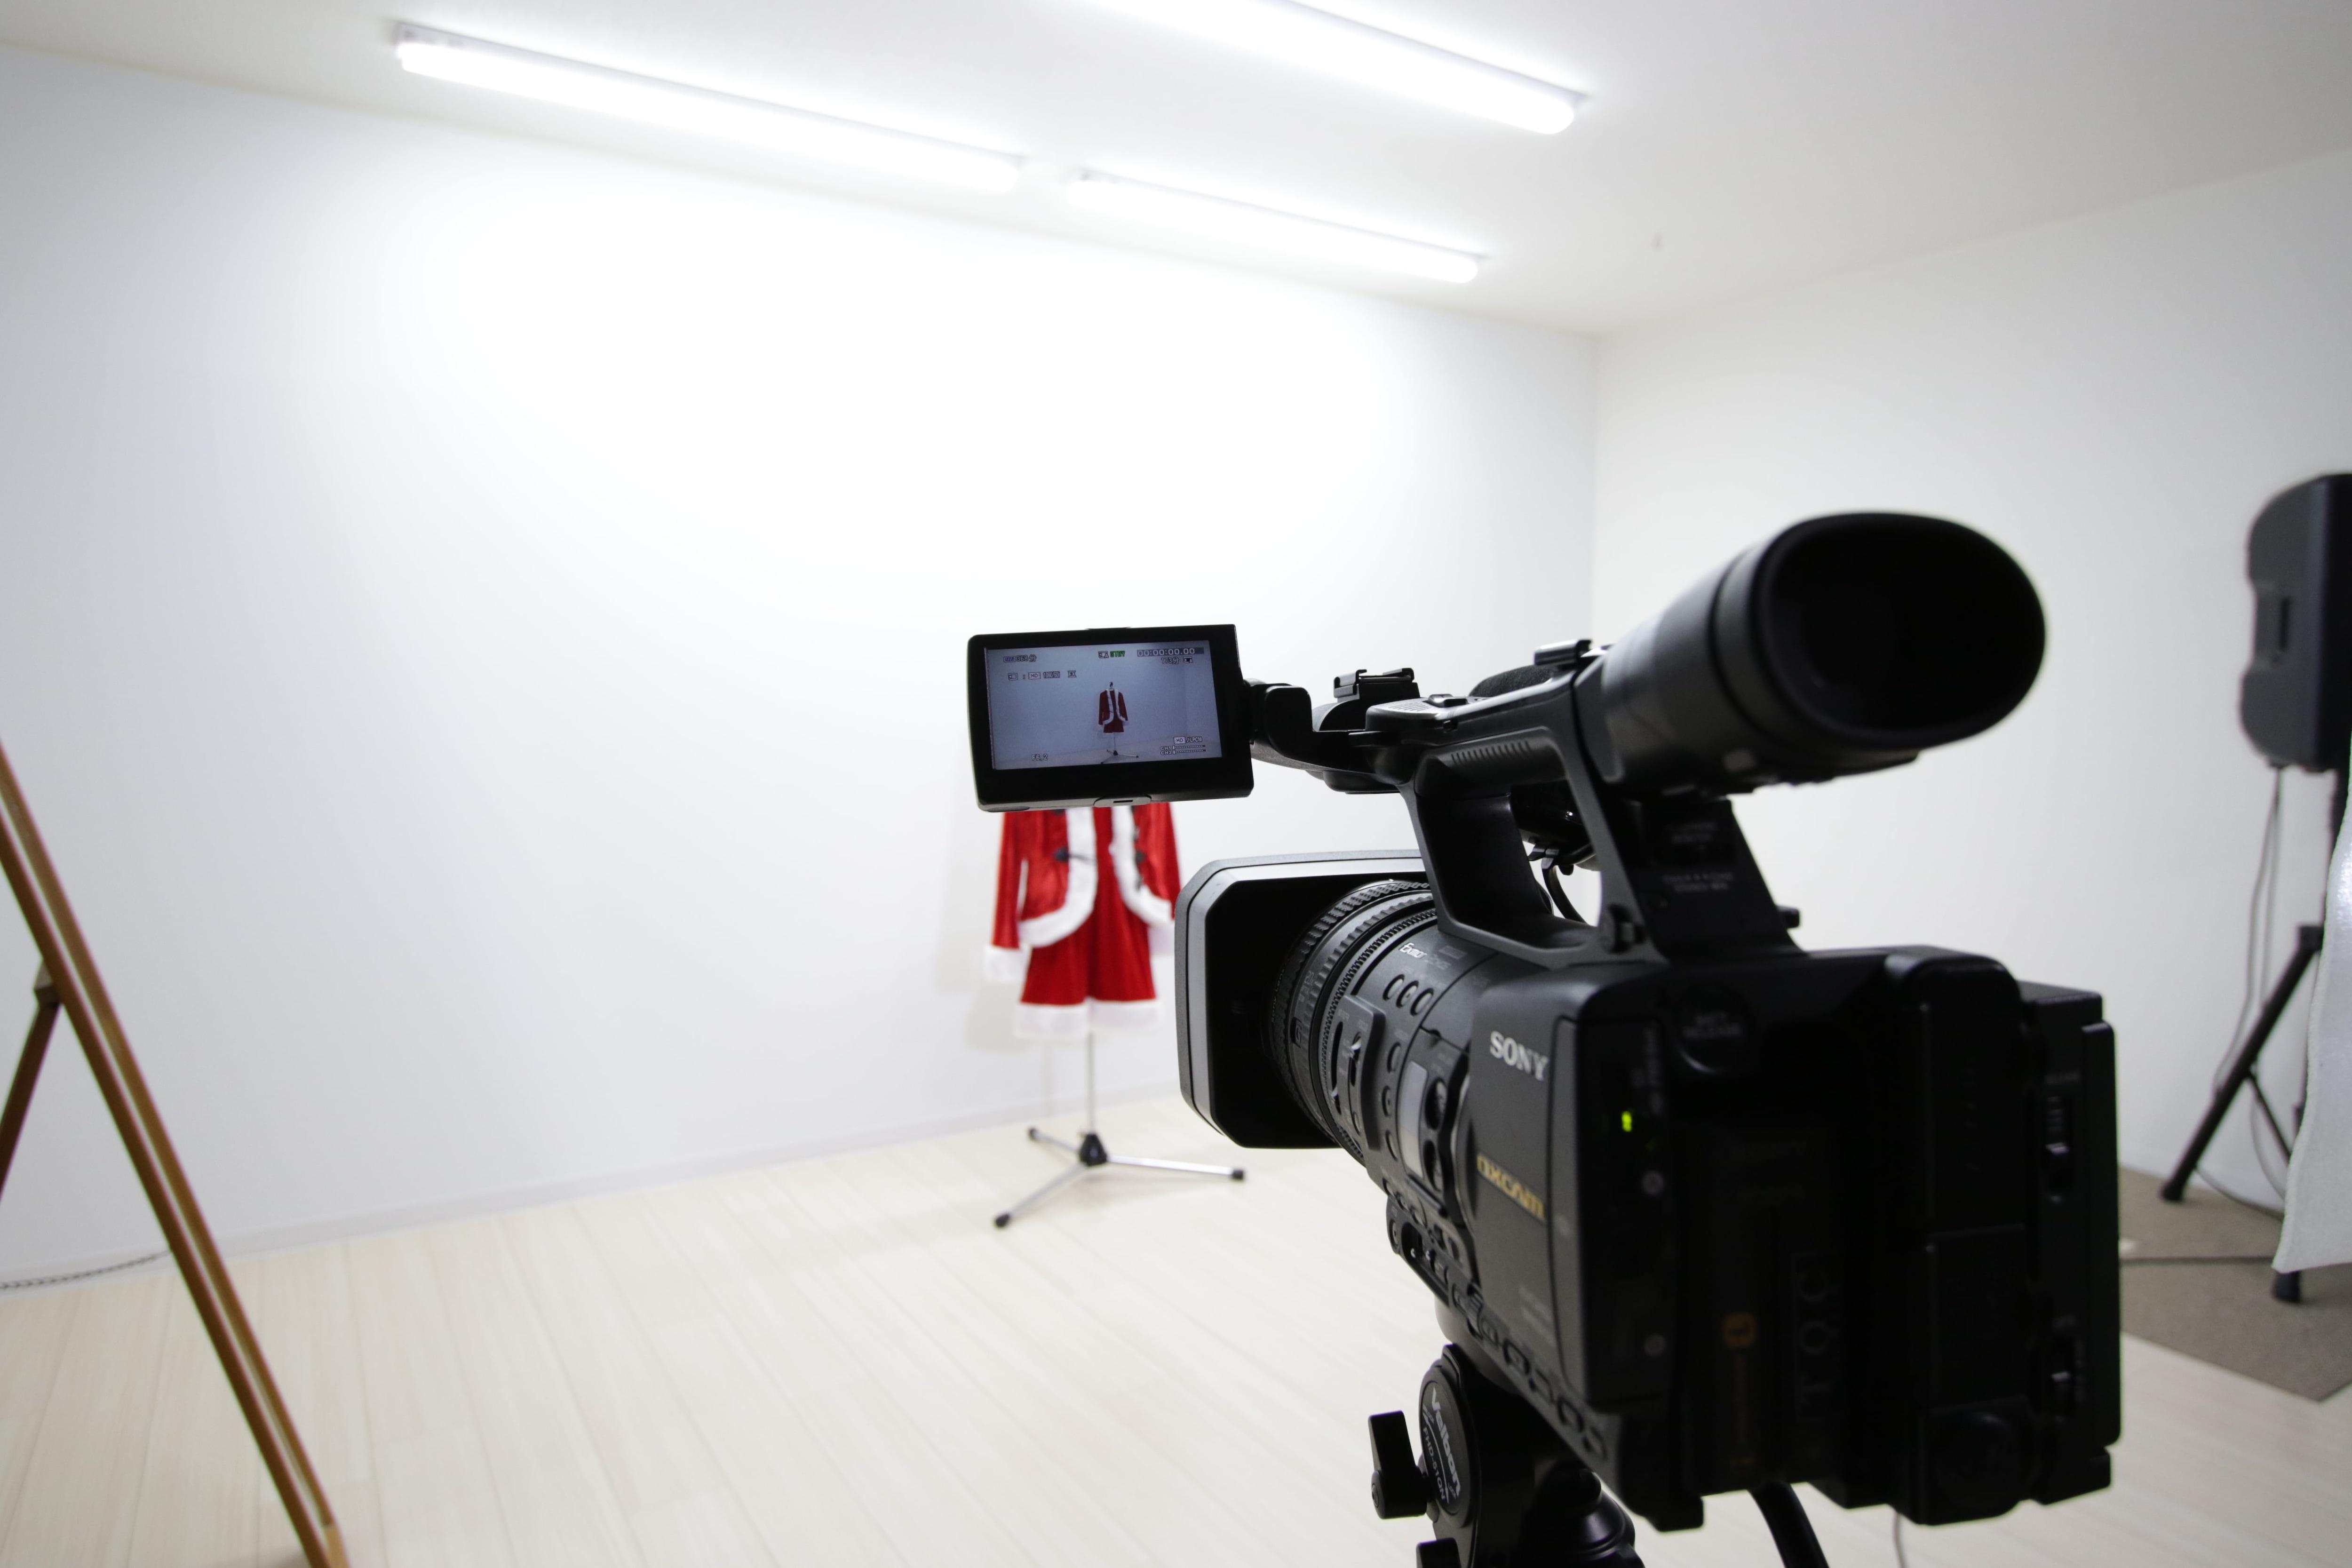 動画撮影スタジオ利用チケット(60分)(動画撮影機材一式)(鳥取県)のイメージその2